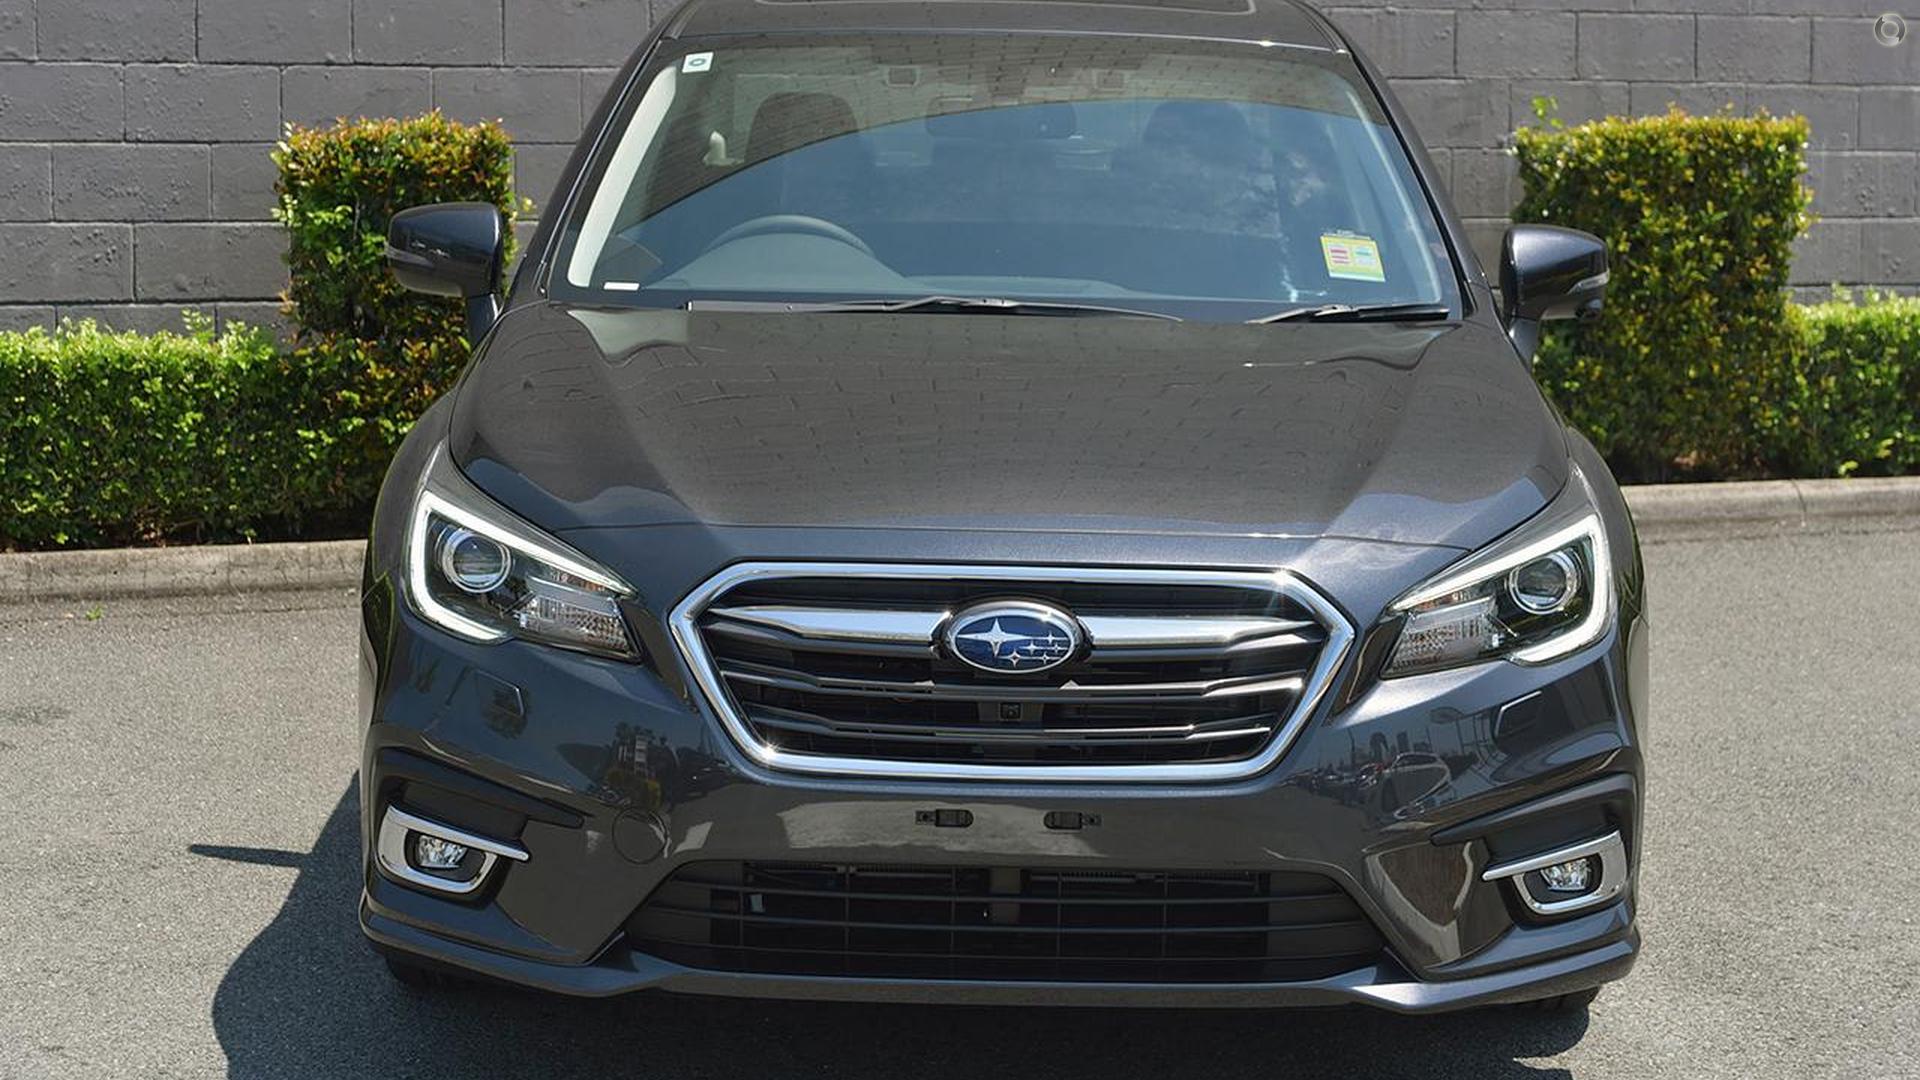 2018 Subaru Liberty 6GEN